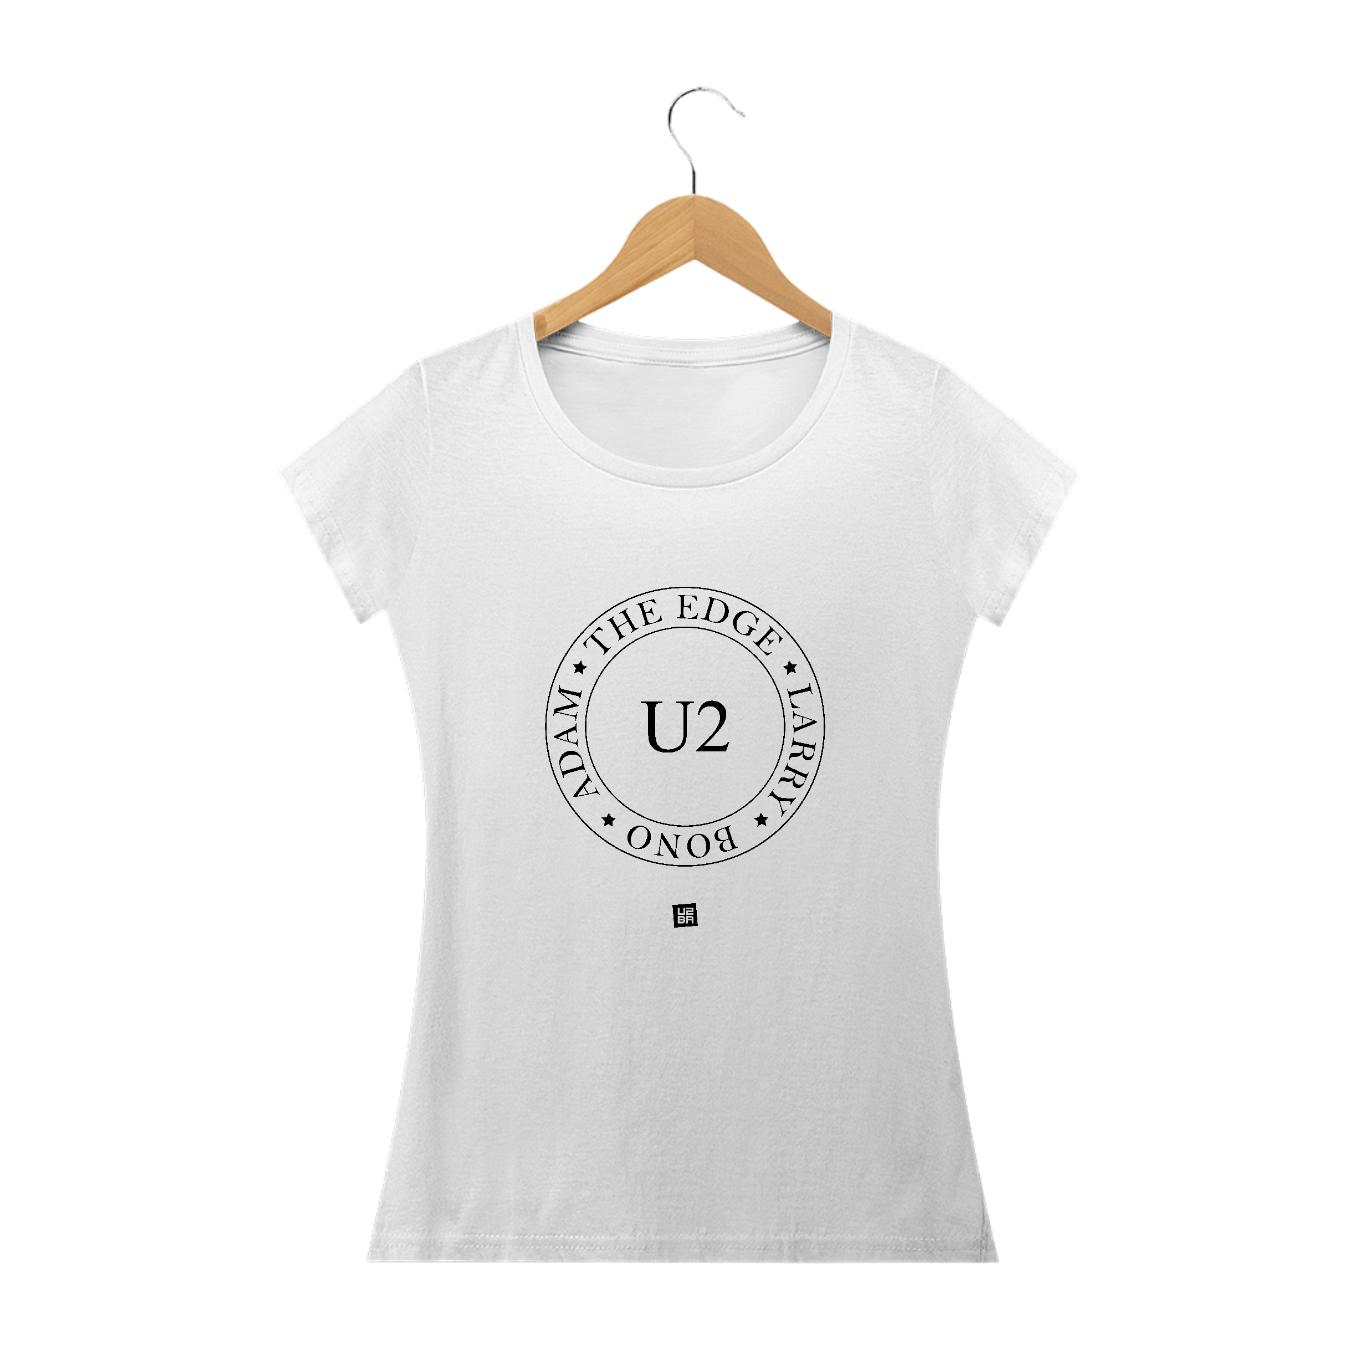 Babylook U2 - Names #1